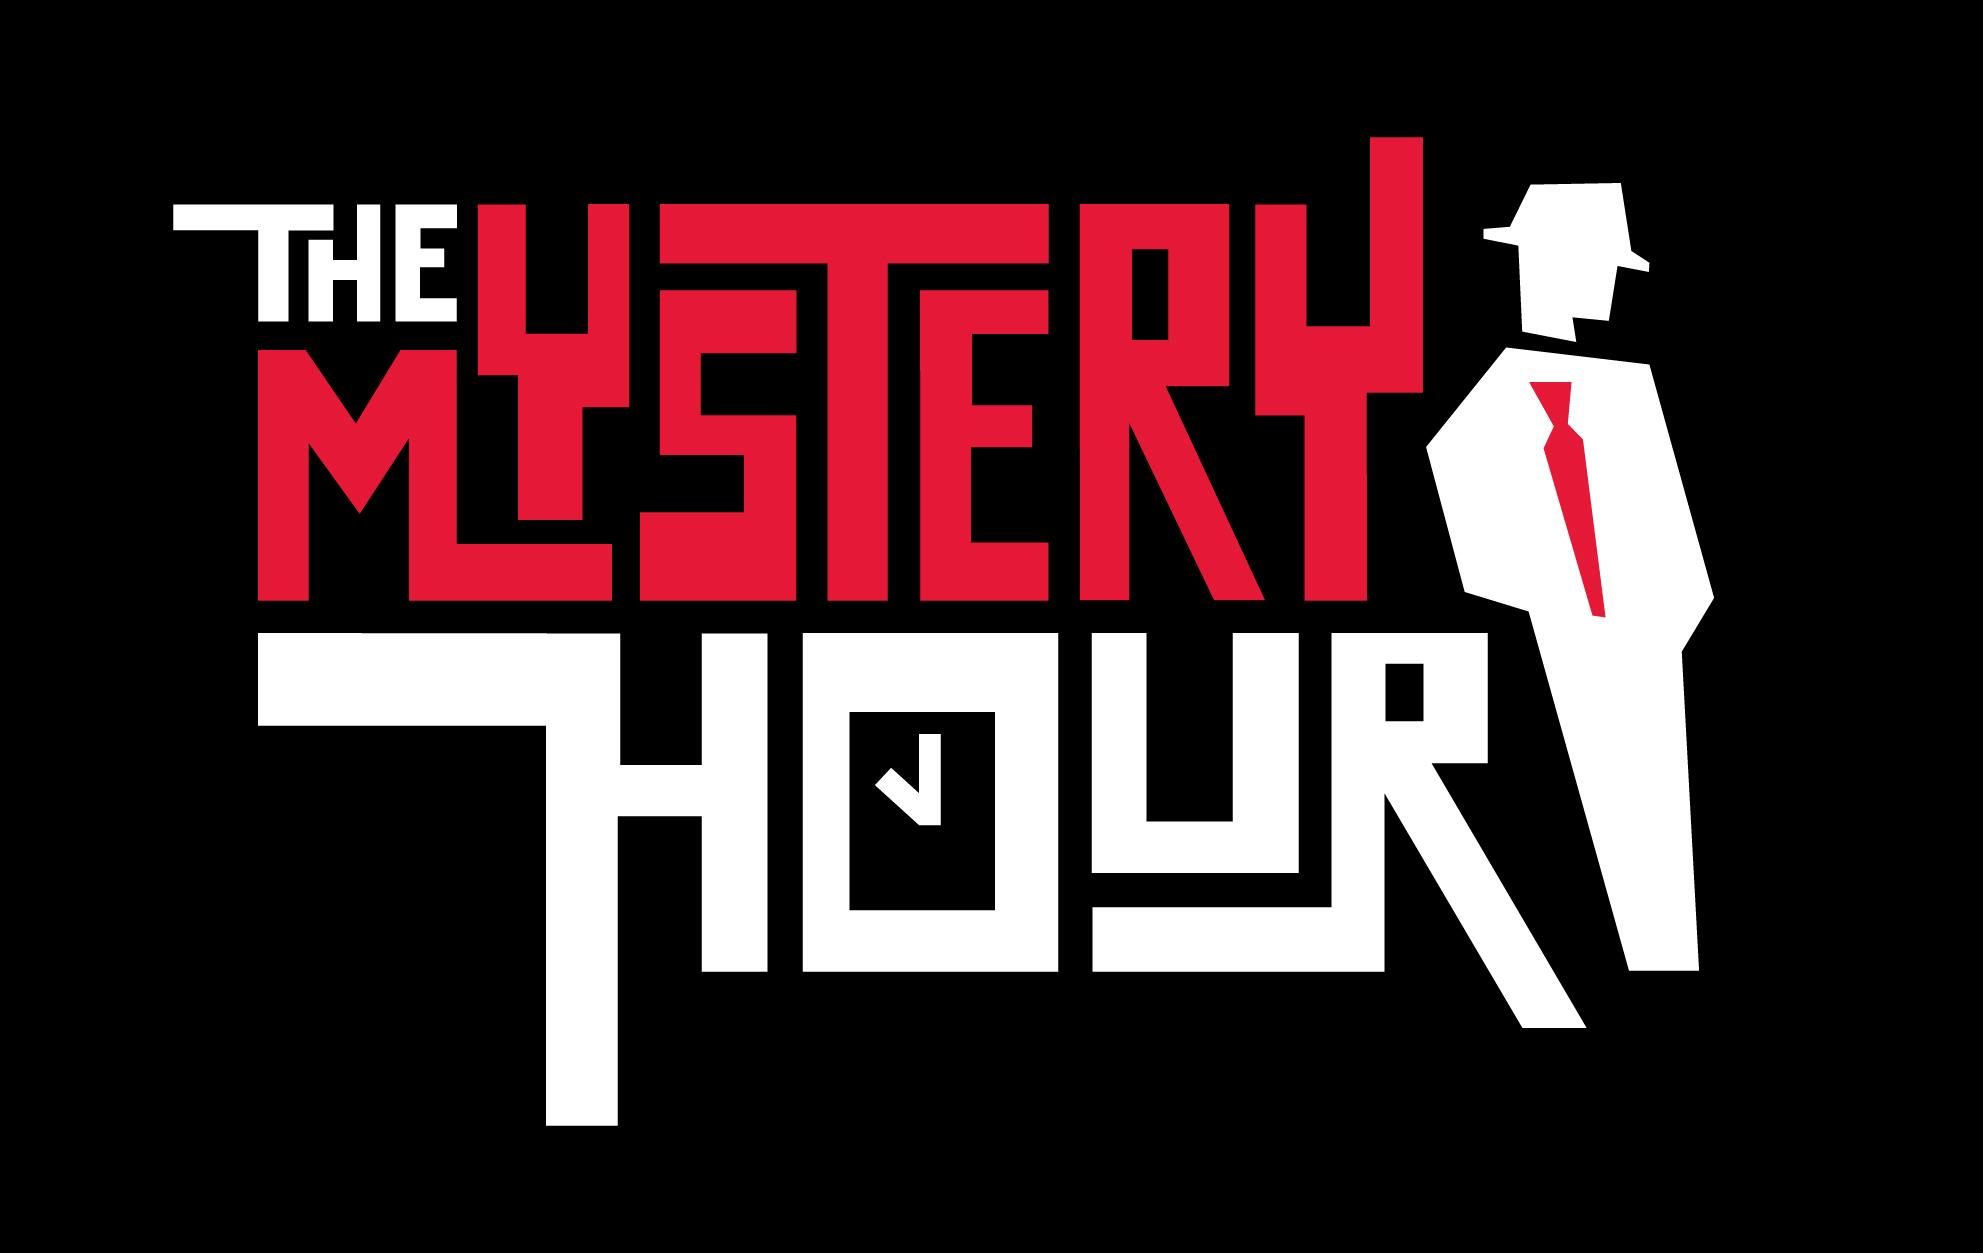 The_Mystery_Hour.jpg